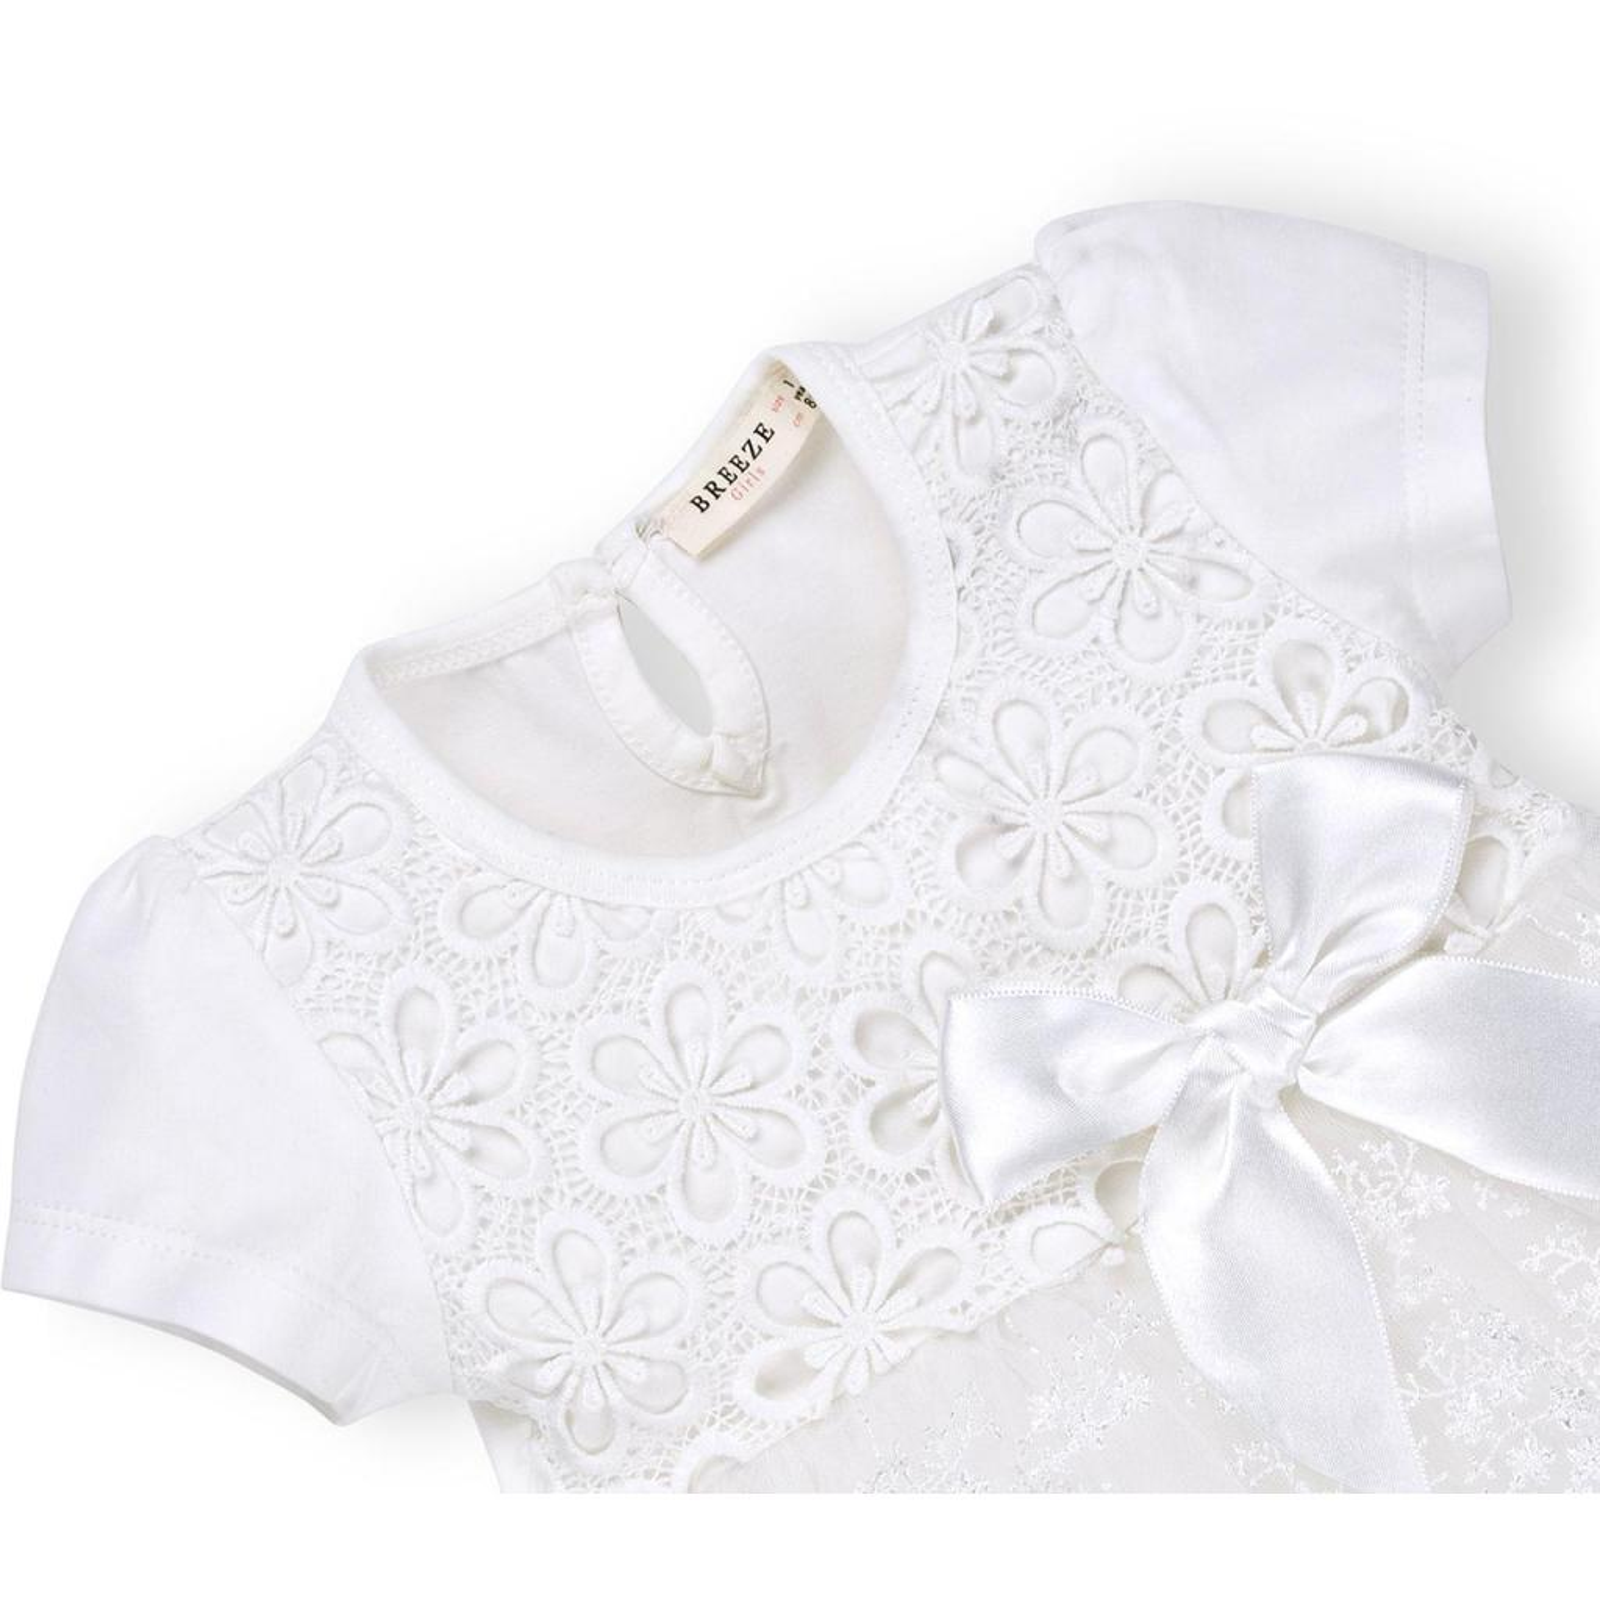 Платье Breeze кружевное с оборками (9011-86G-cream) изображение 3